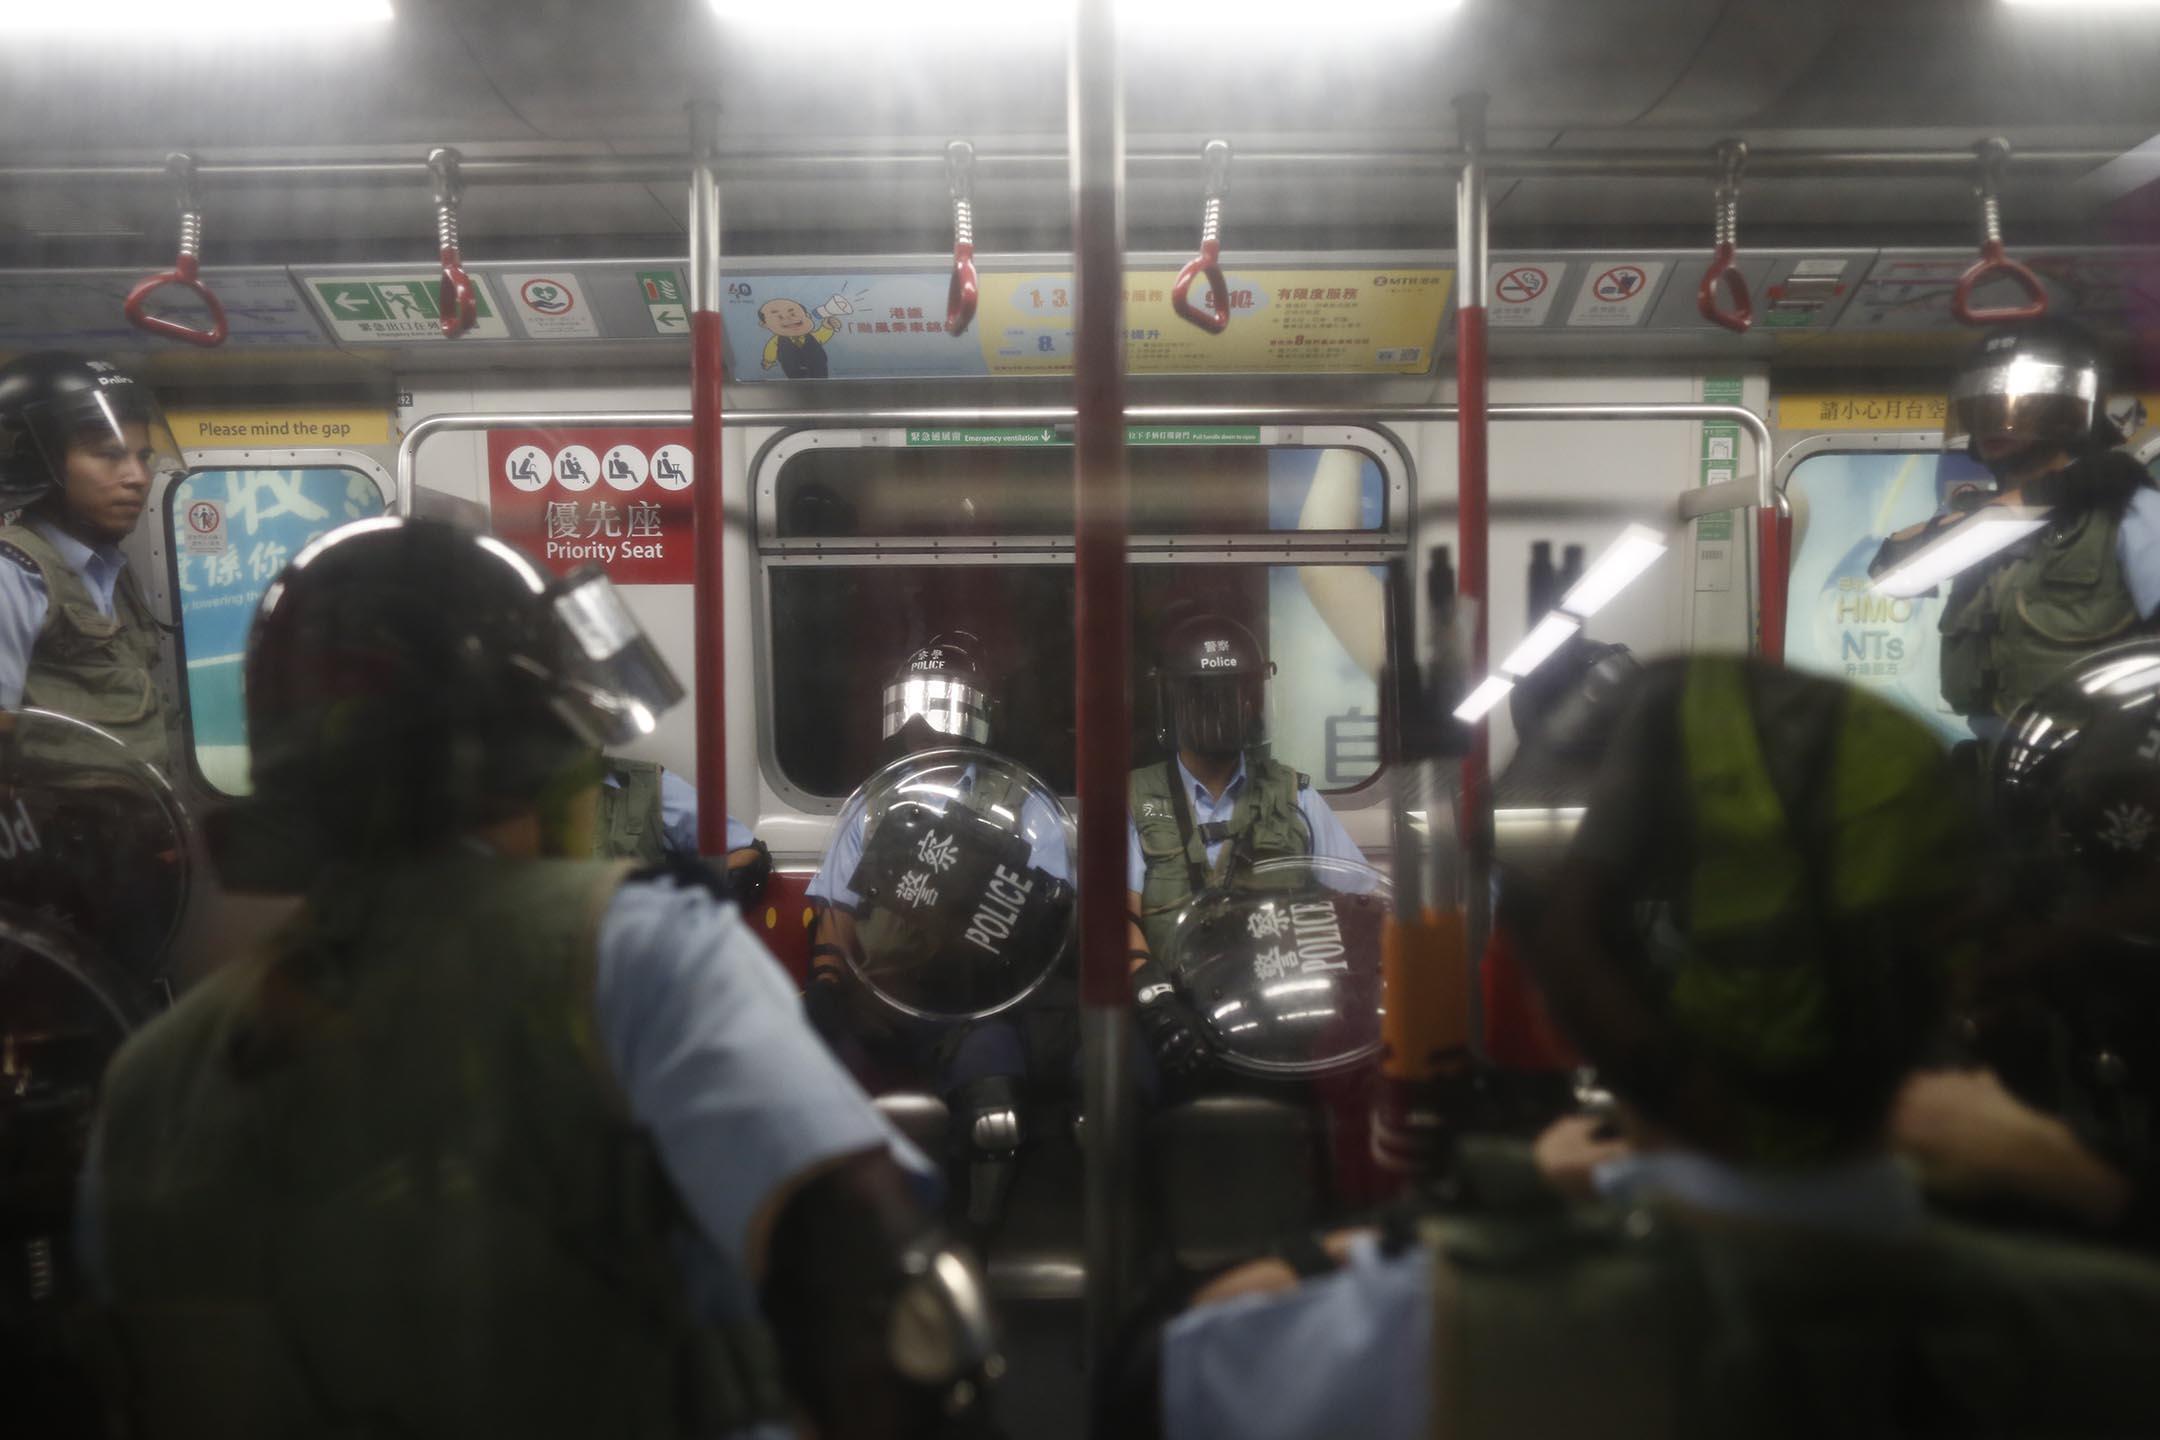 8月31日晚上約10點半,香港警察進入旺角站追捕示威者,驅逐市民下車。